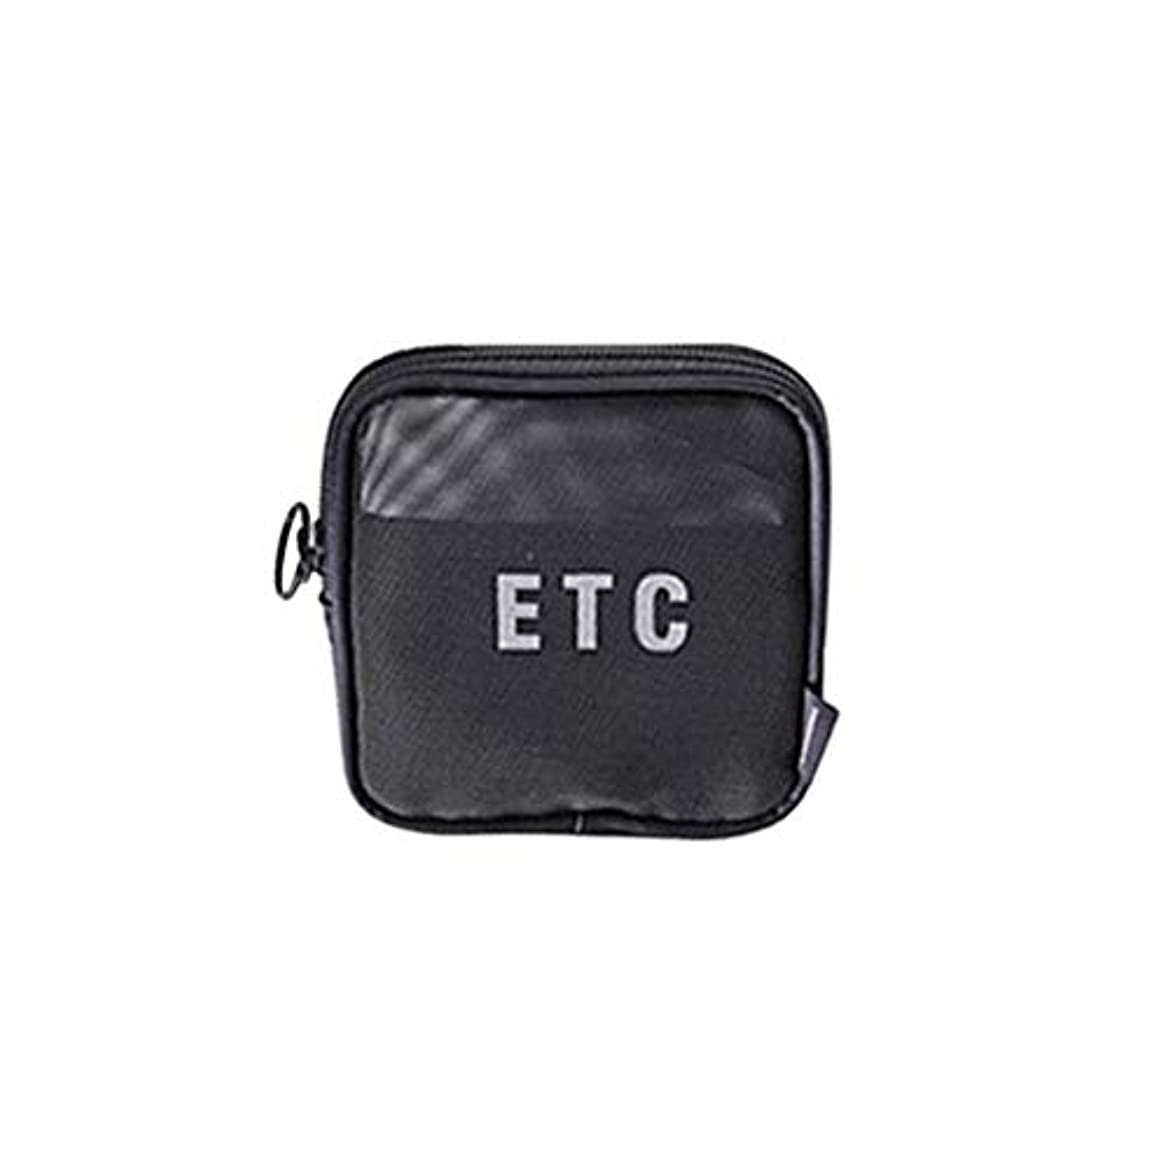 野ウサギ大使寄託メイクバッグ Akane ETC 新しい ネット アウトドア 実用的 高品質 多機能 通気 半透明 便利 家用 旅行 ビーチ 化粧バッグ (スモールサイズ)